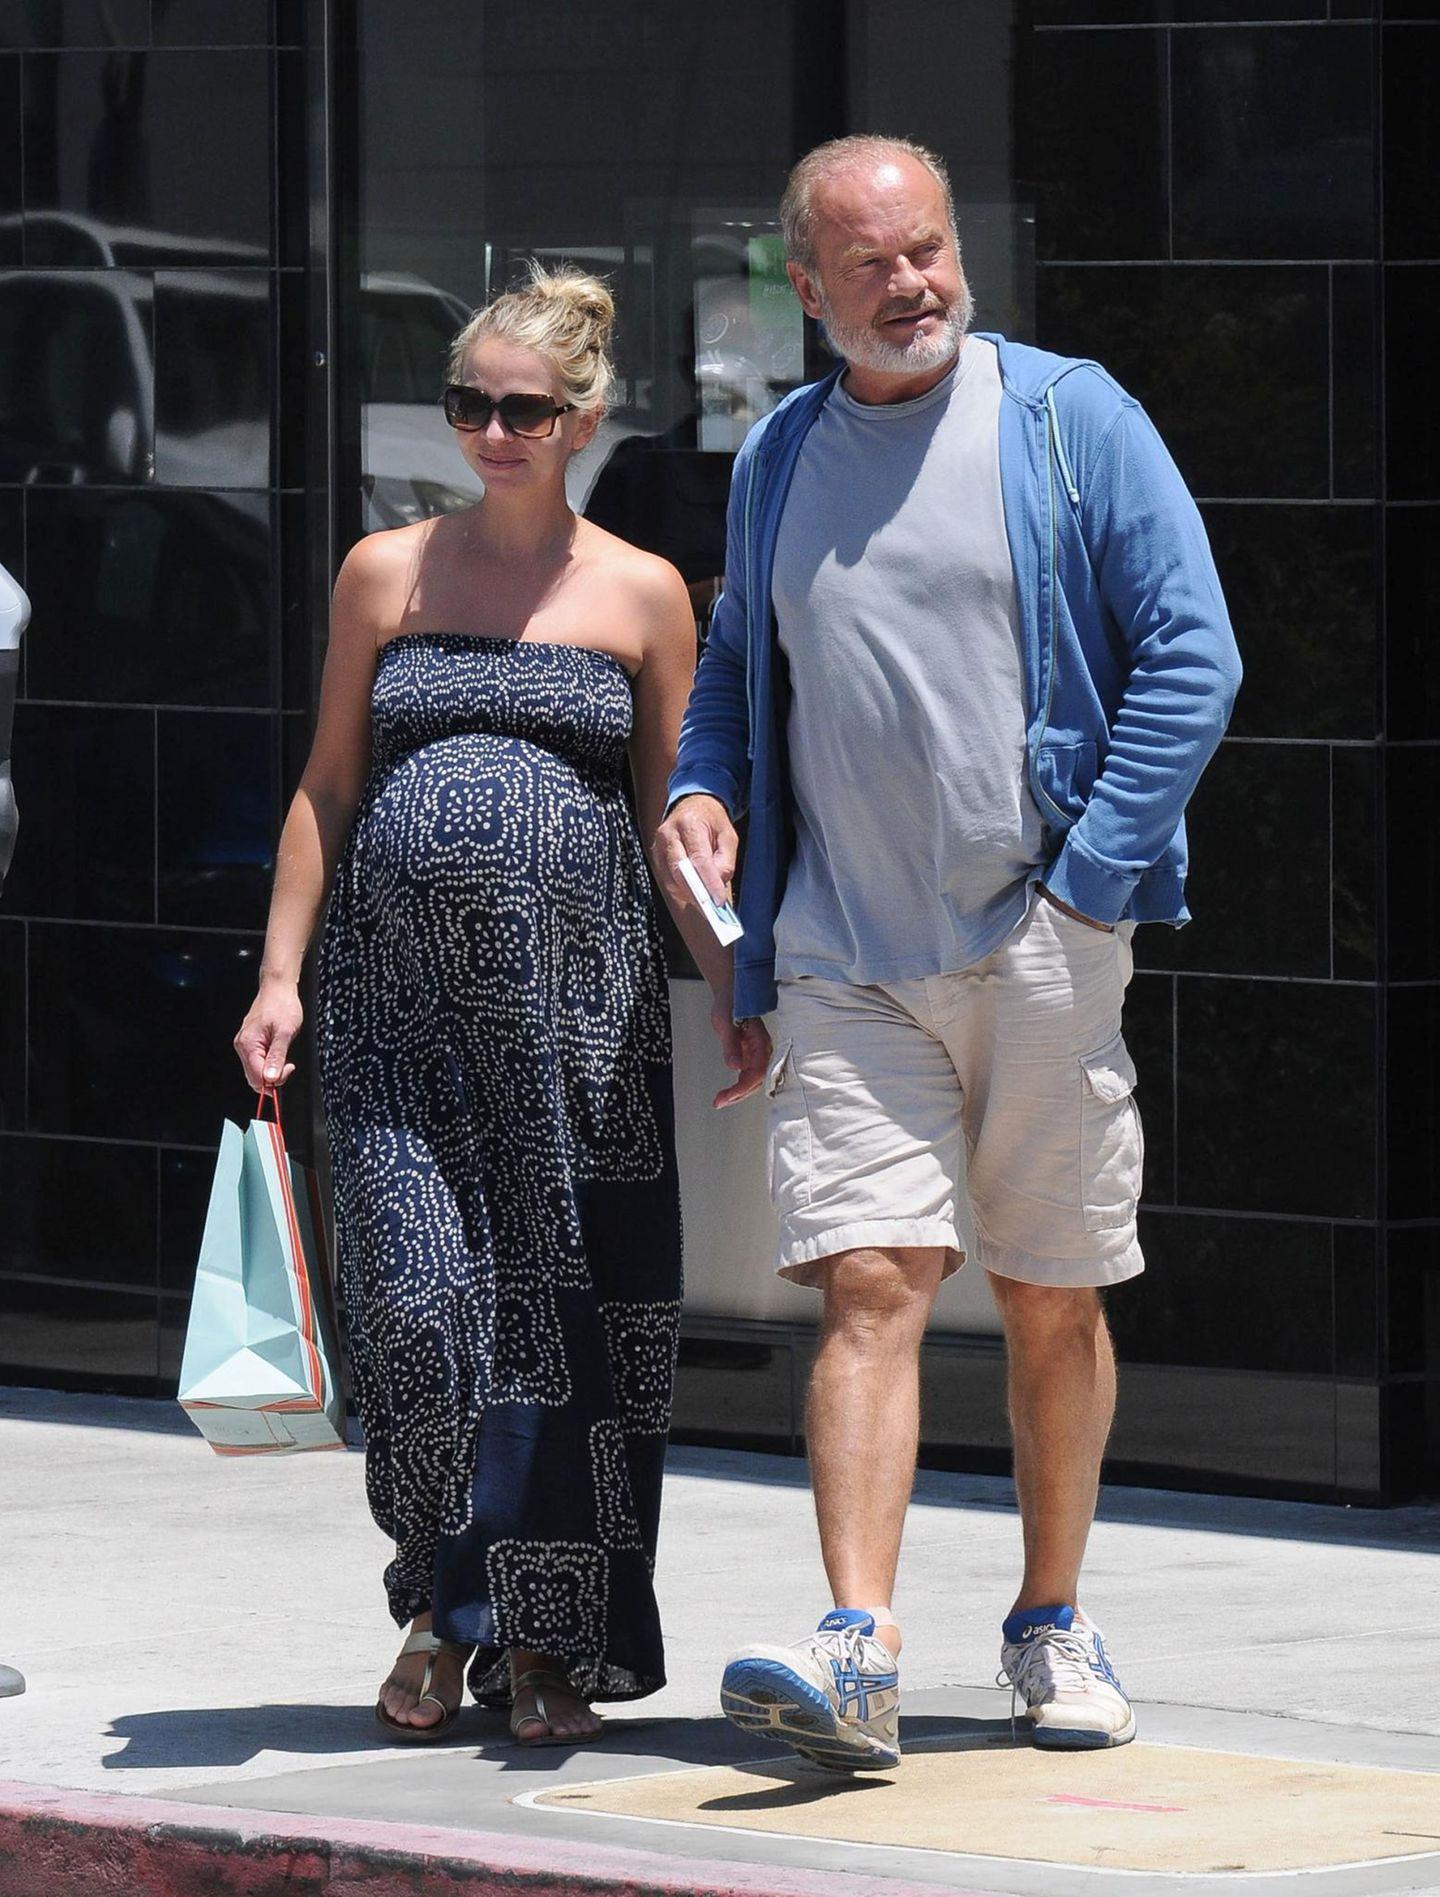 10. Juli 2014: Kelsey Grammer geht mit seiner hochschwangeren Ehefrau Kayte Walsh in Beverly Hills shoppen.